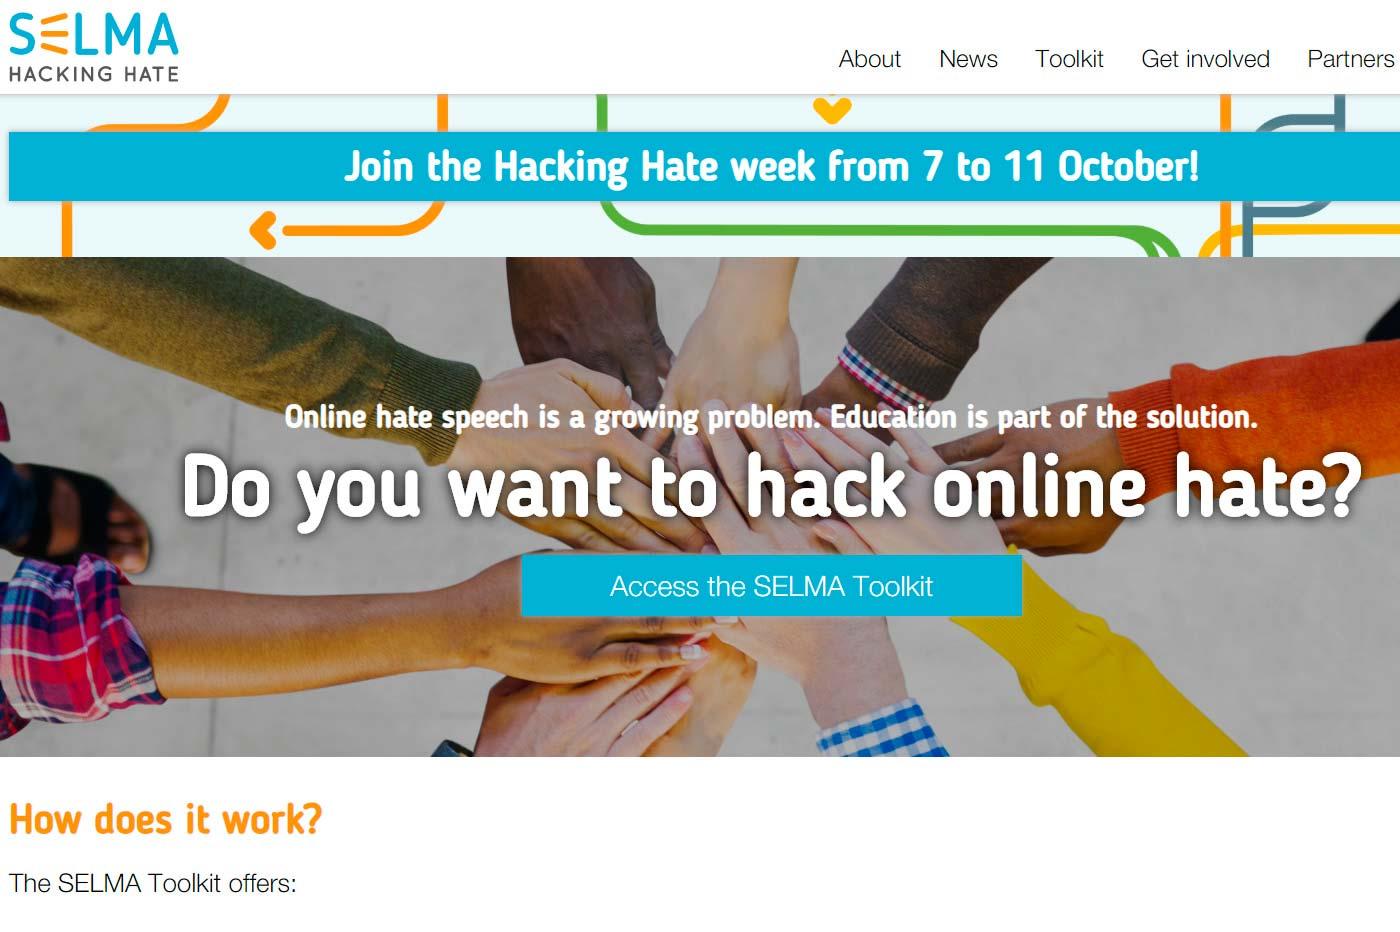 SELMA, proyecto europeo para combatir el odio en la red (en inglés)